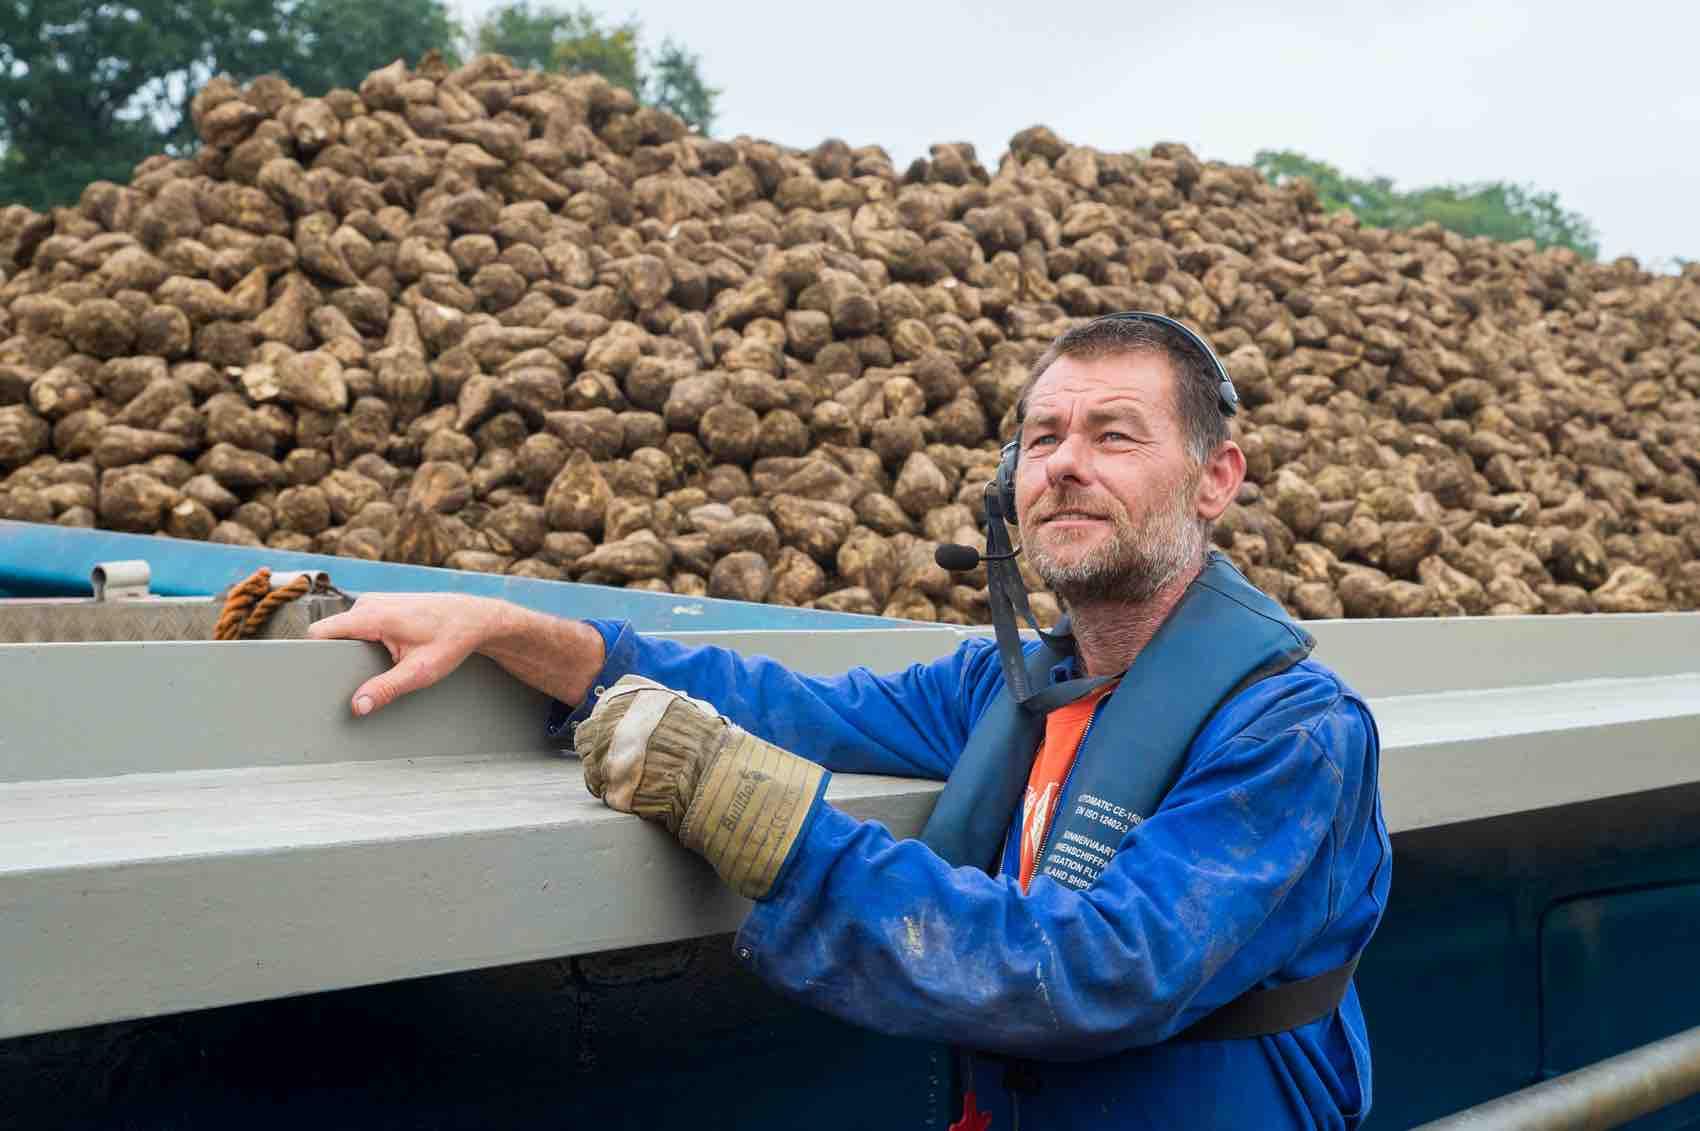 NPRC vervoert 270 miljoen suikerbieten